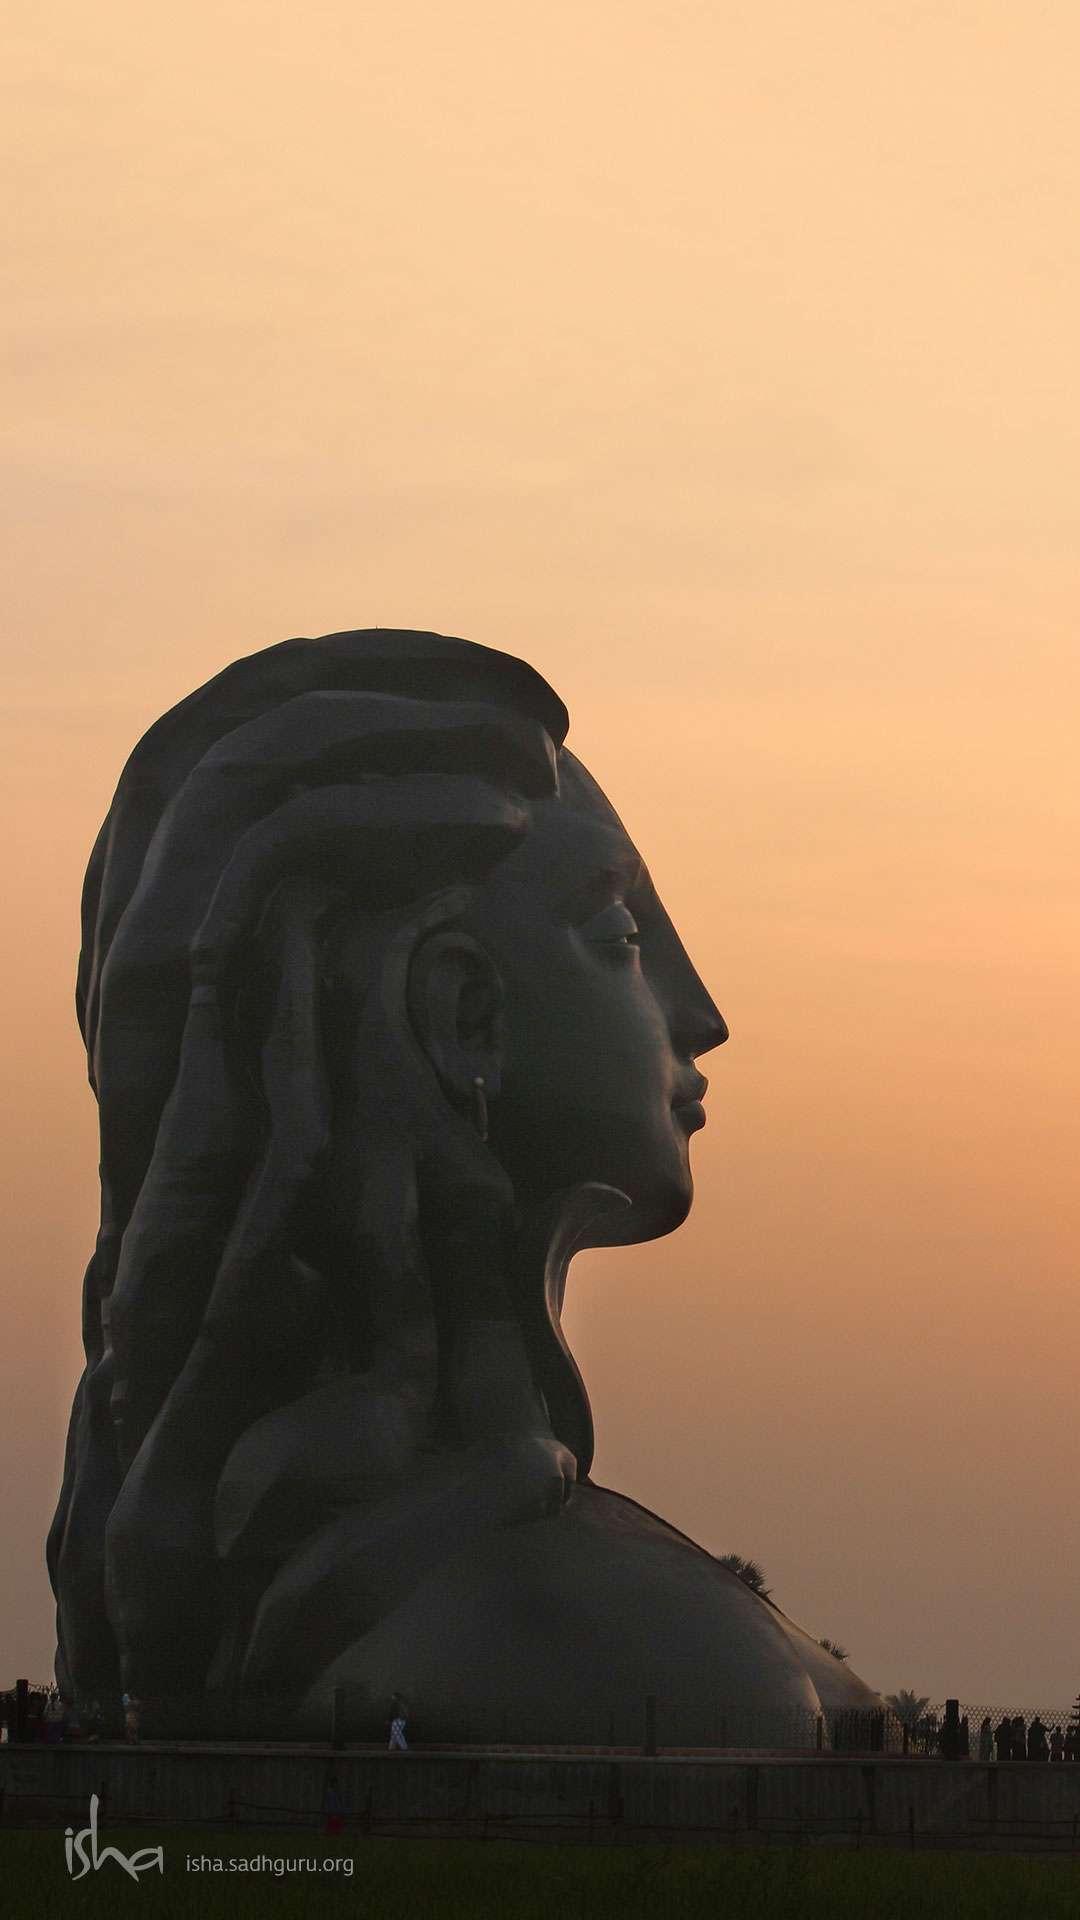 Divyatattva Astrology Free Horoscopes Psychic Tarot Yoga Tantra rh